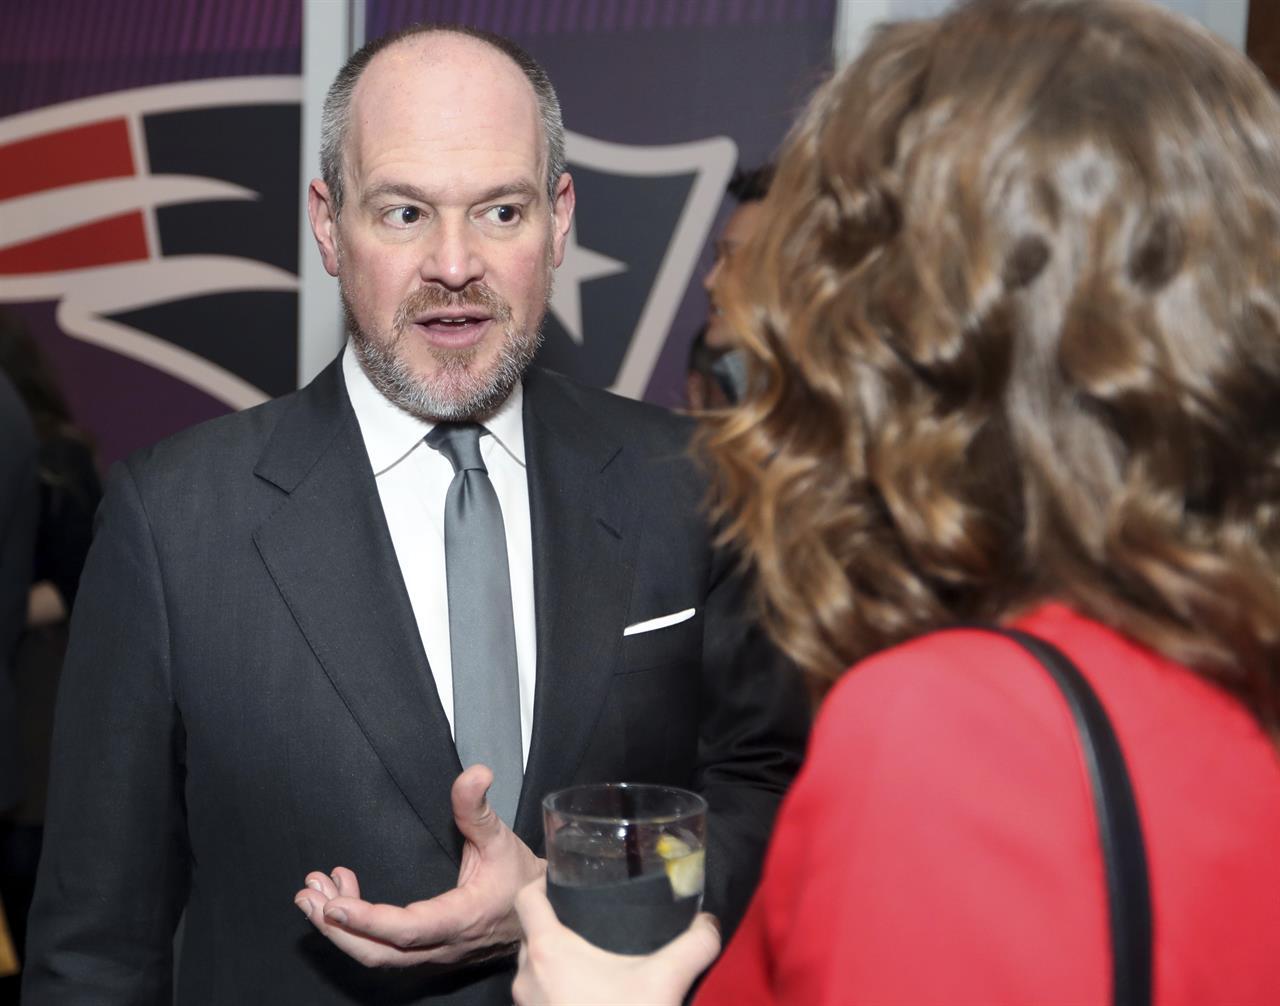 Rich Eisen's show to begin 2-month run on NBCSN